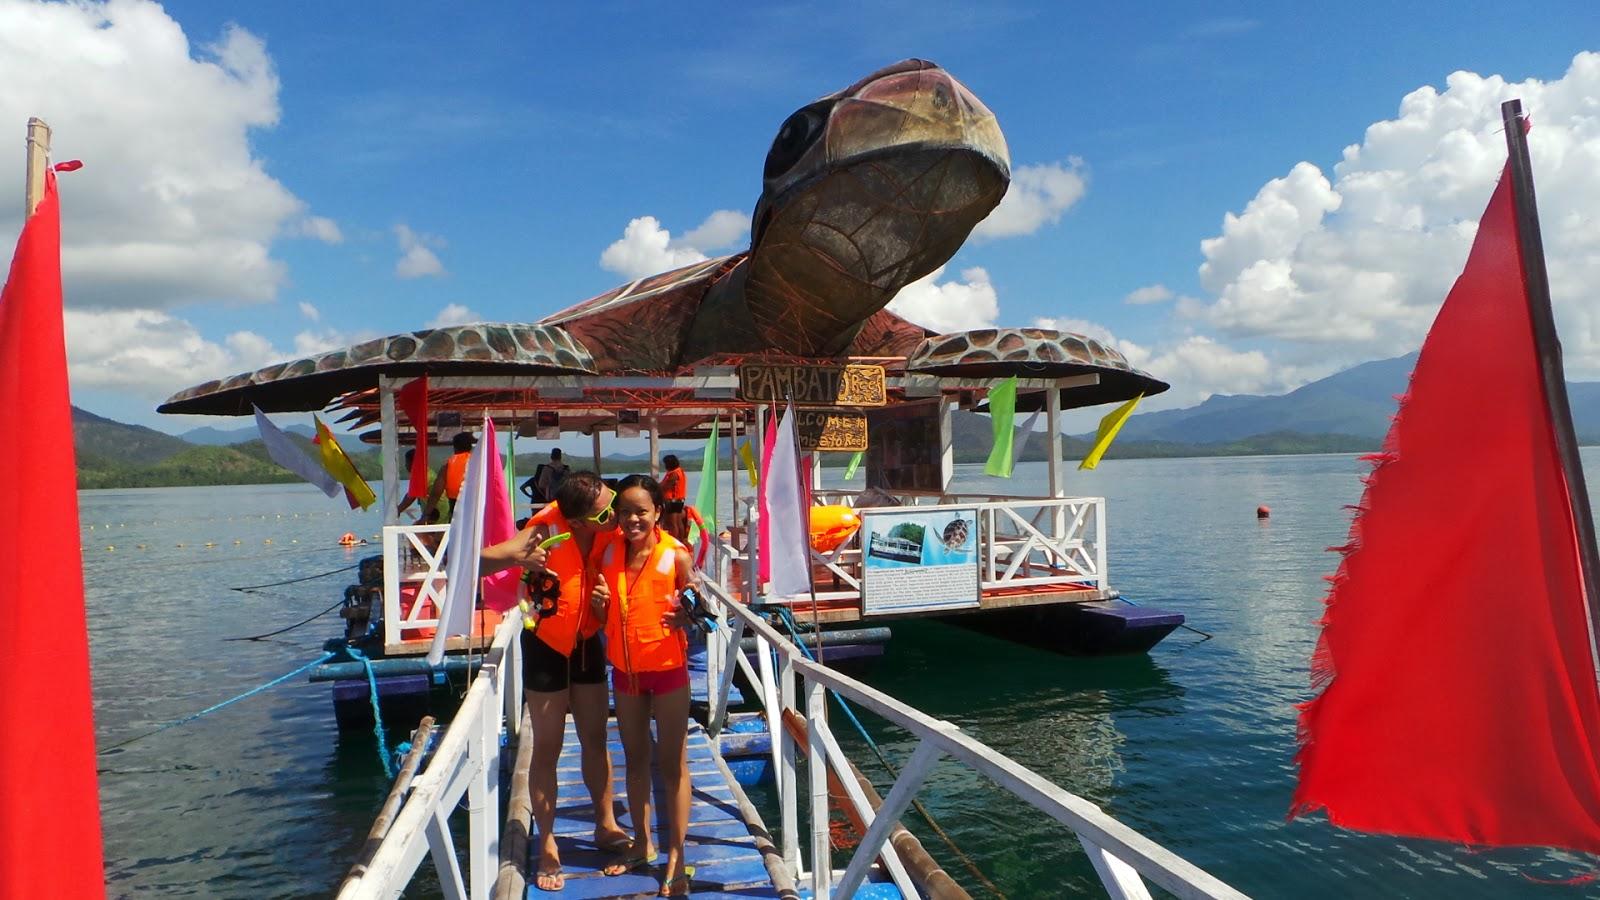 Snorkeling at Pambato Reef